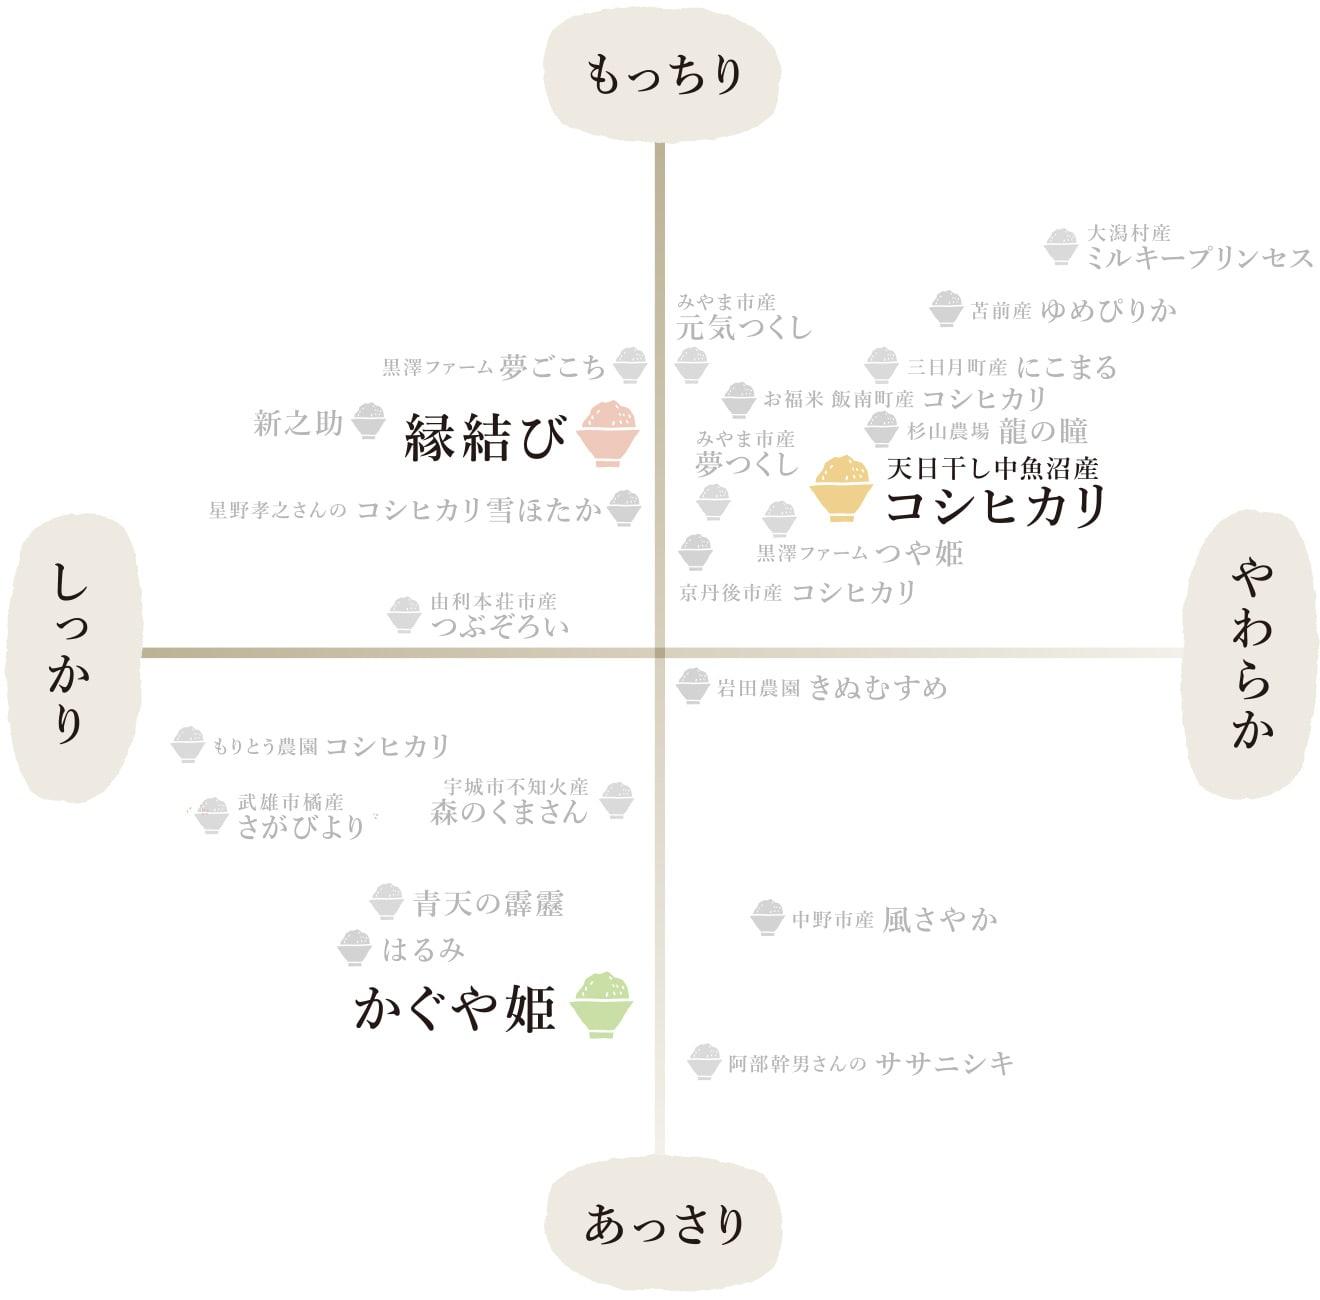 お米マップ